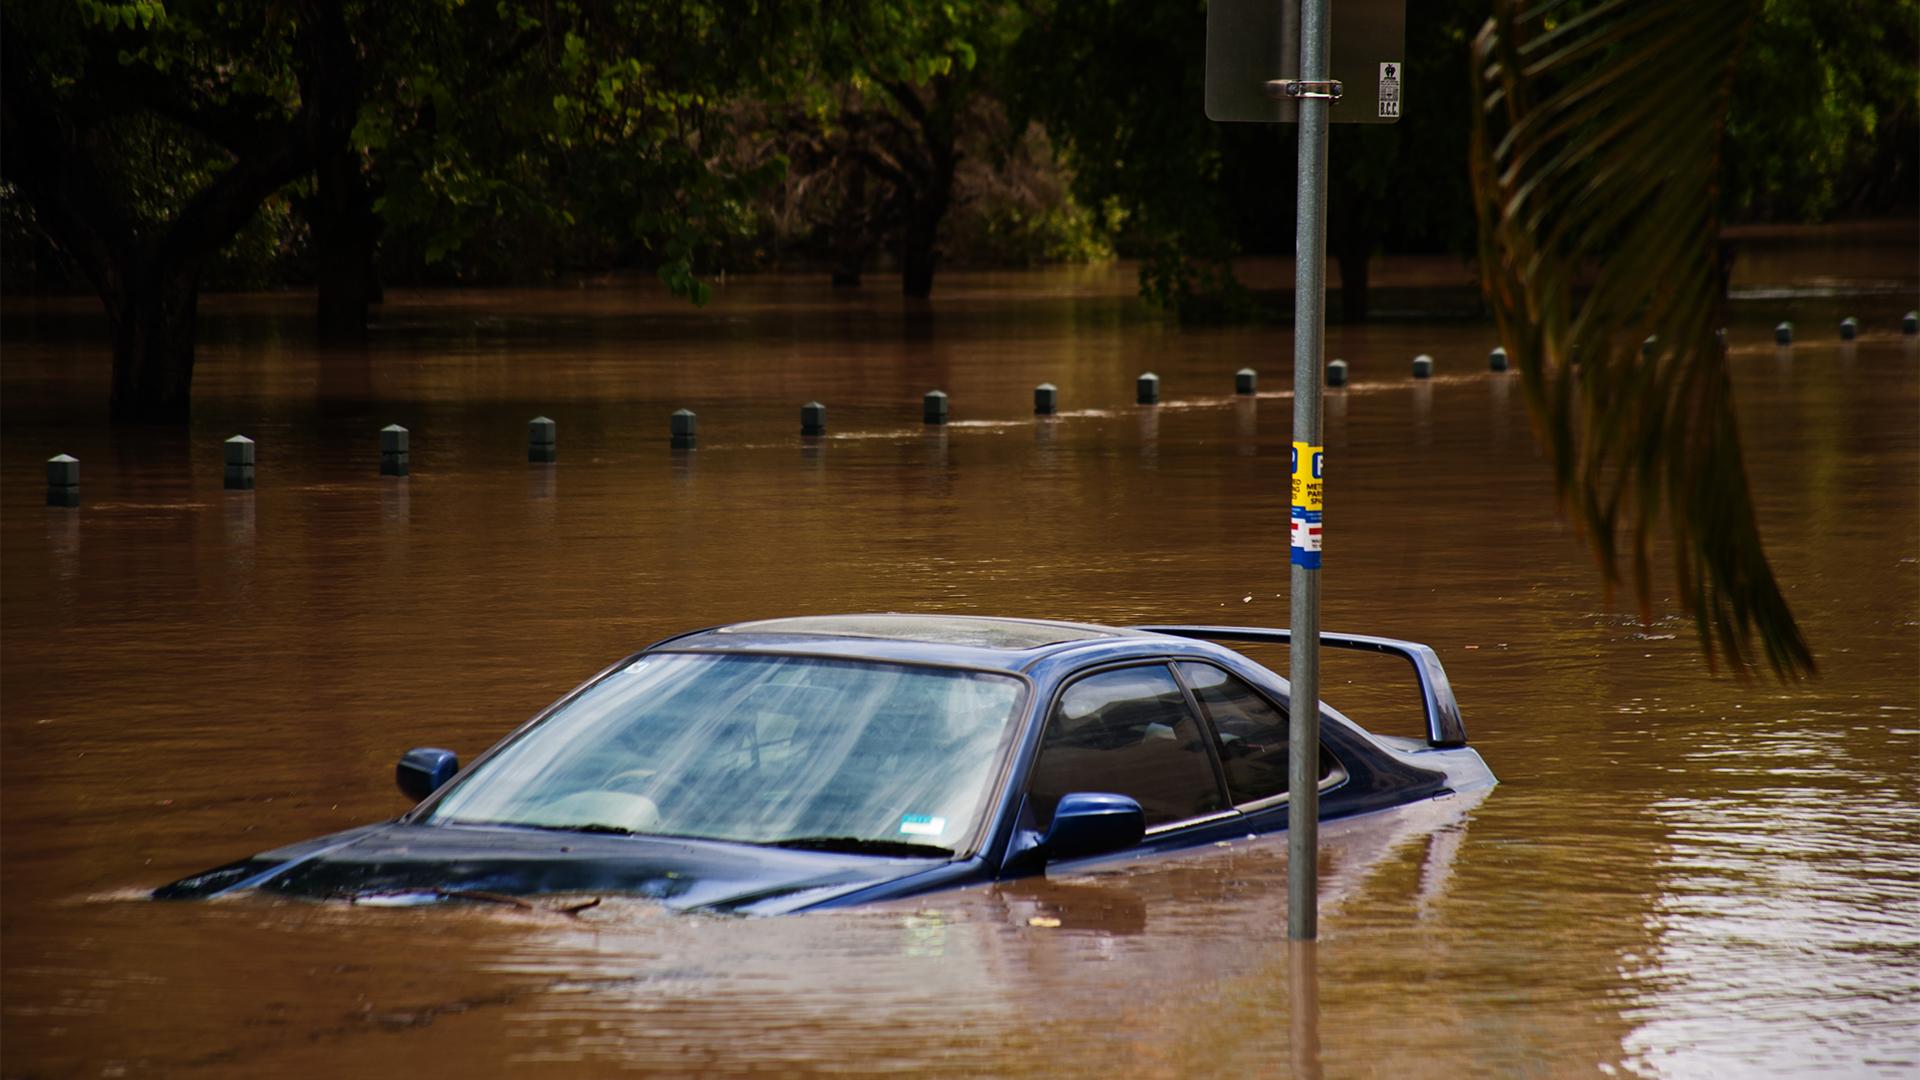 Durva árvíz sodorta el az autót a hatalmas vihar után